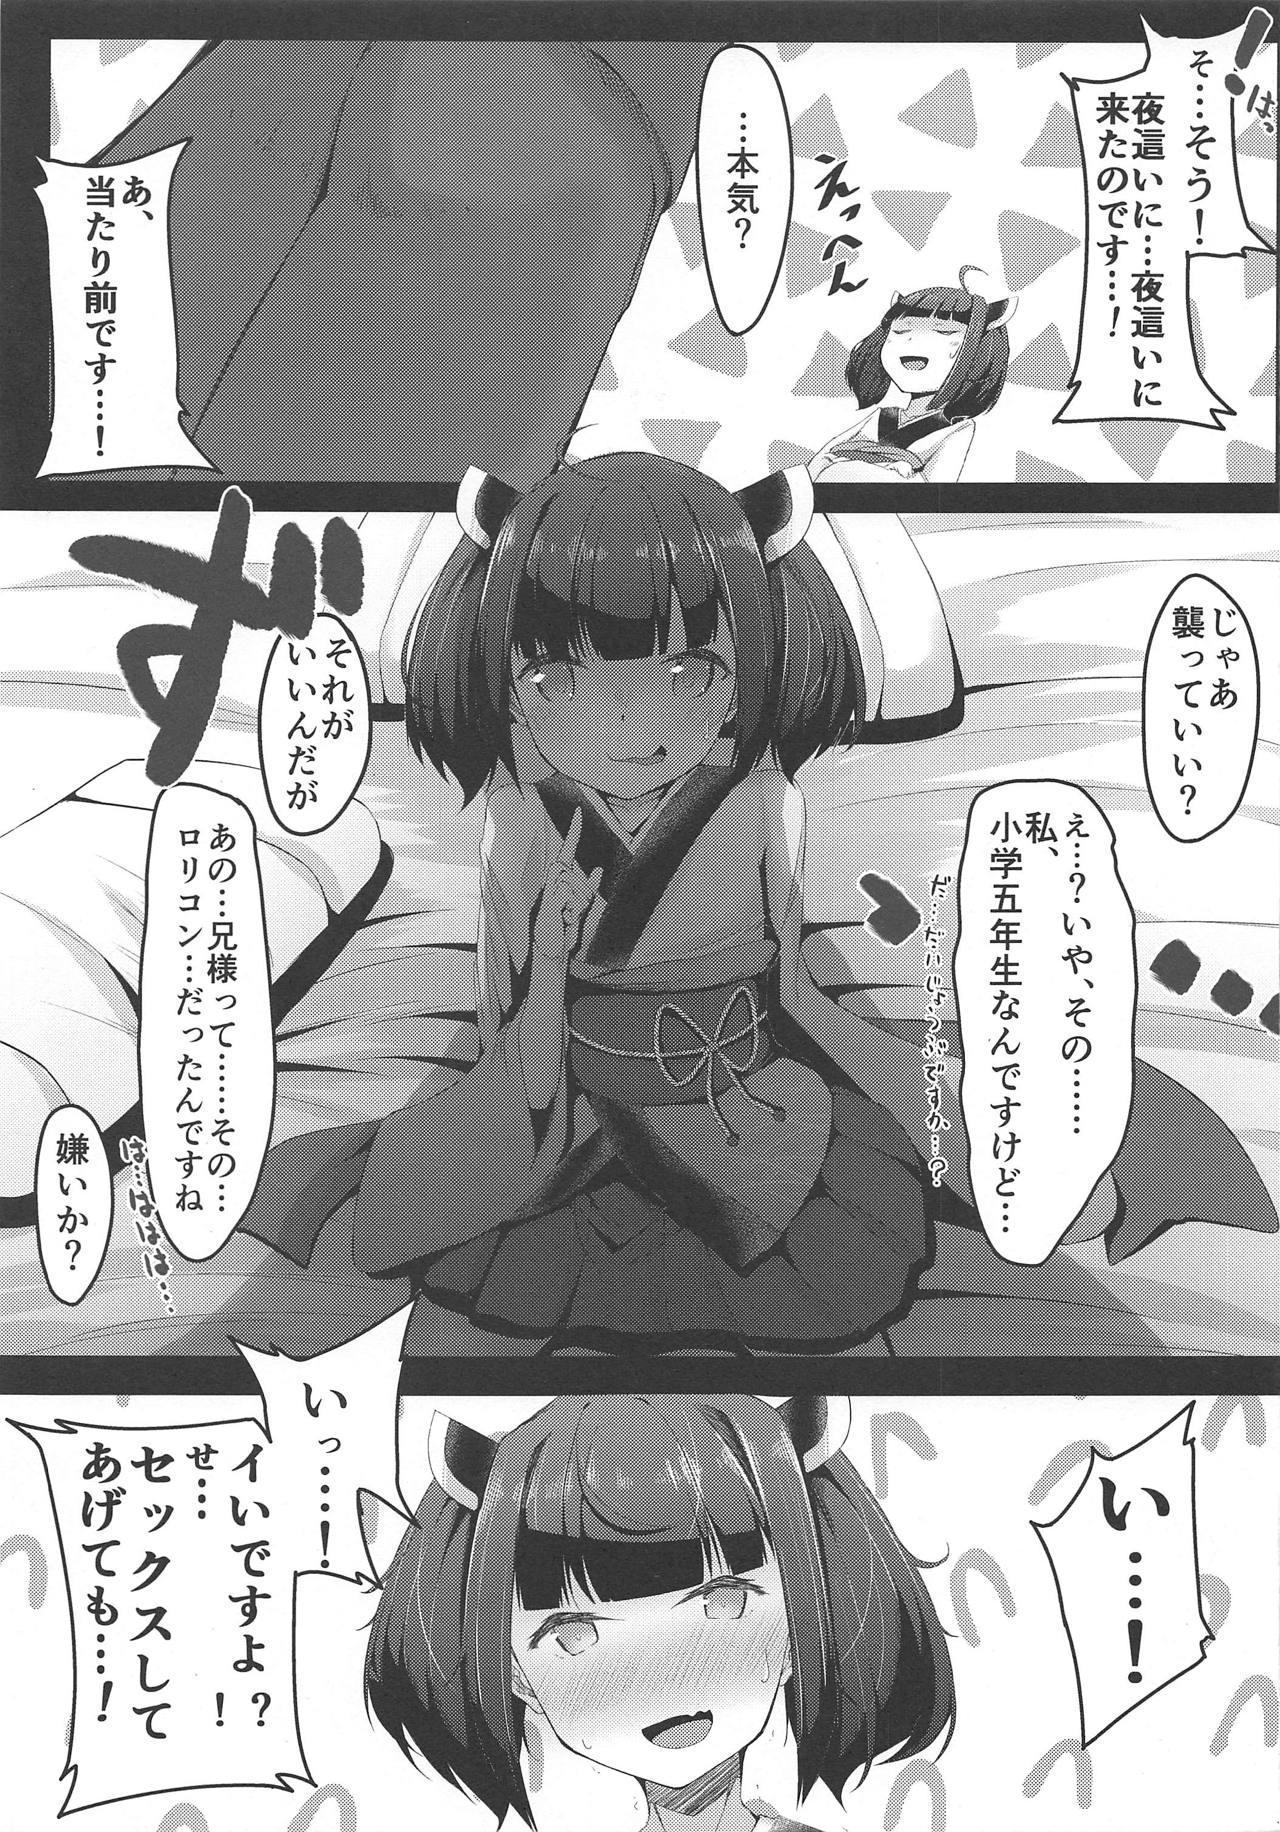 Itsumo no Naka ni Aru Nichijou 3